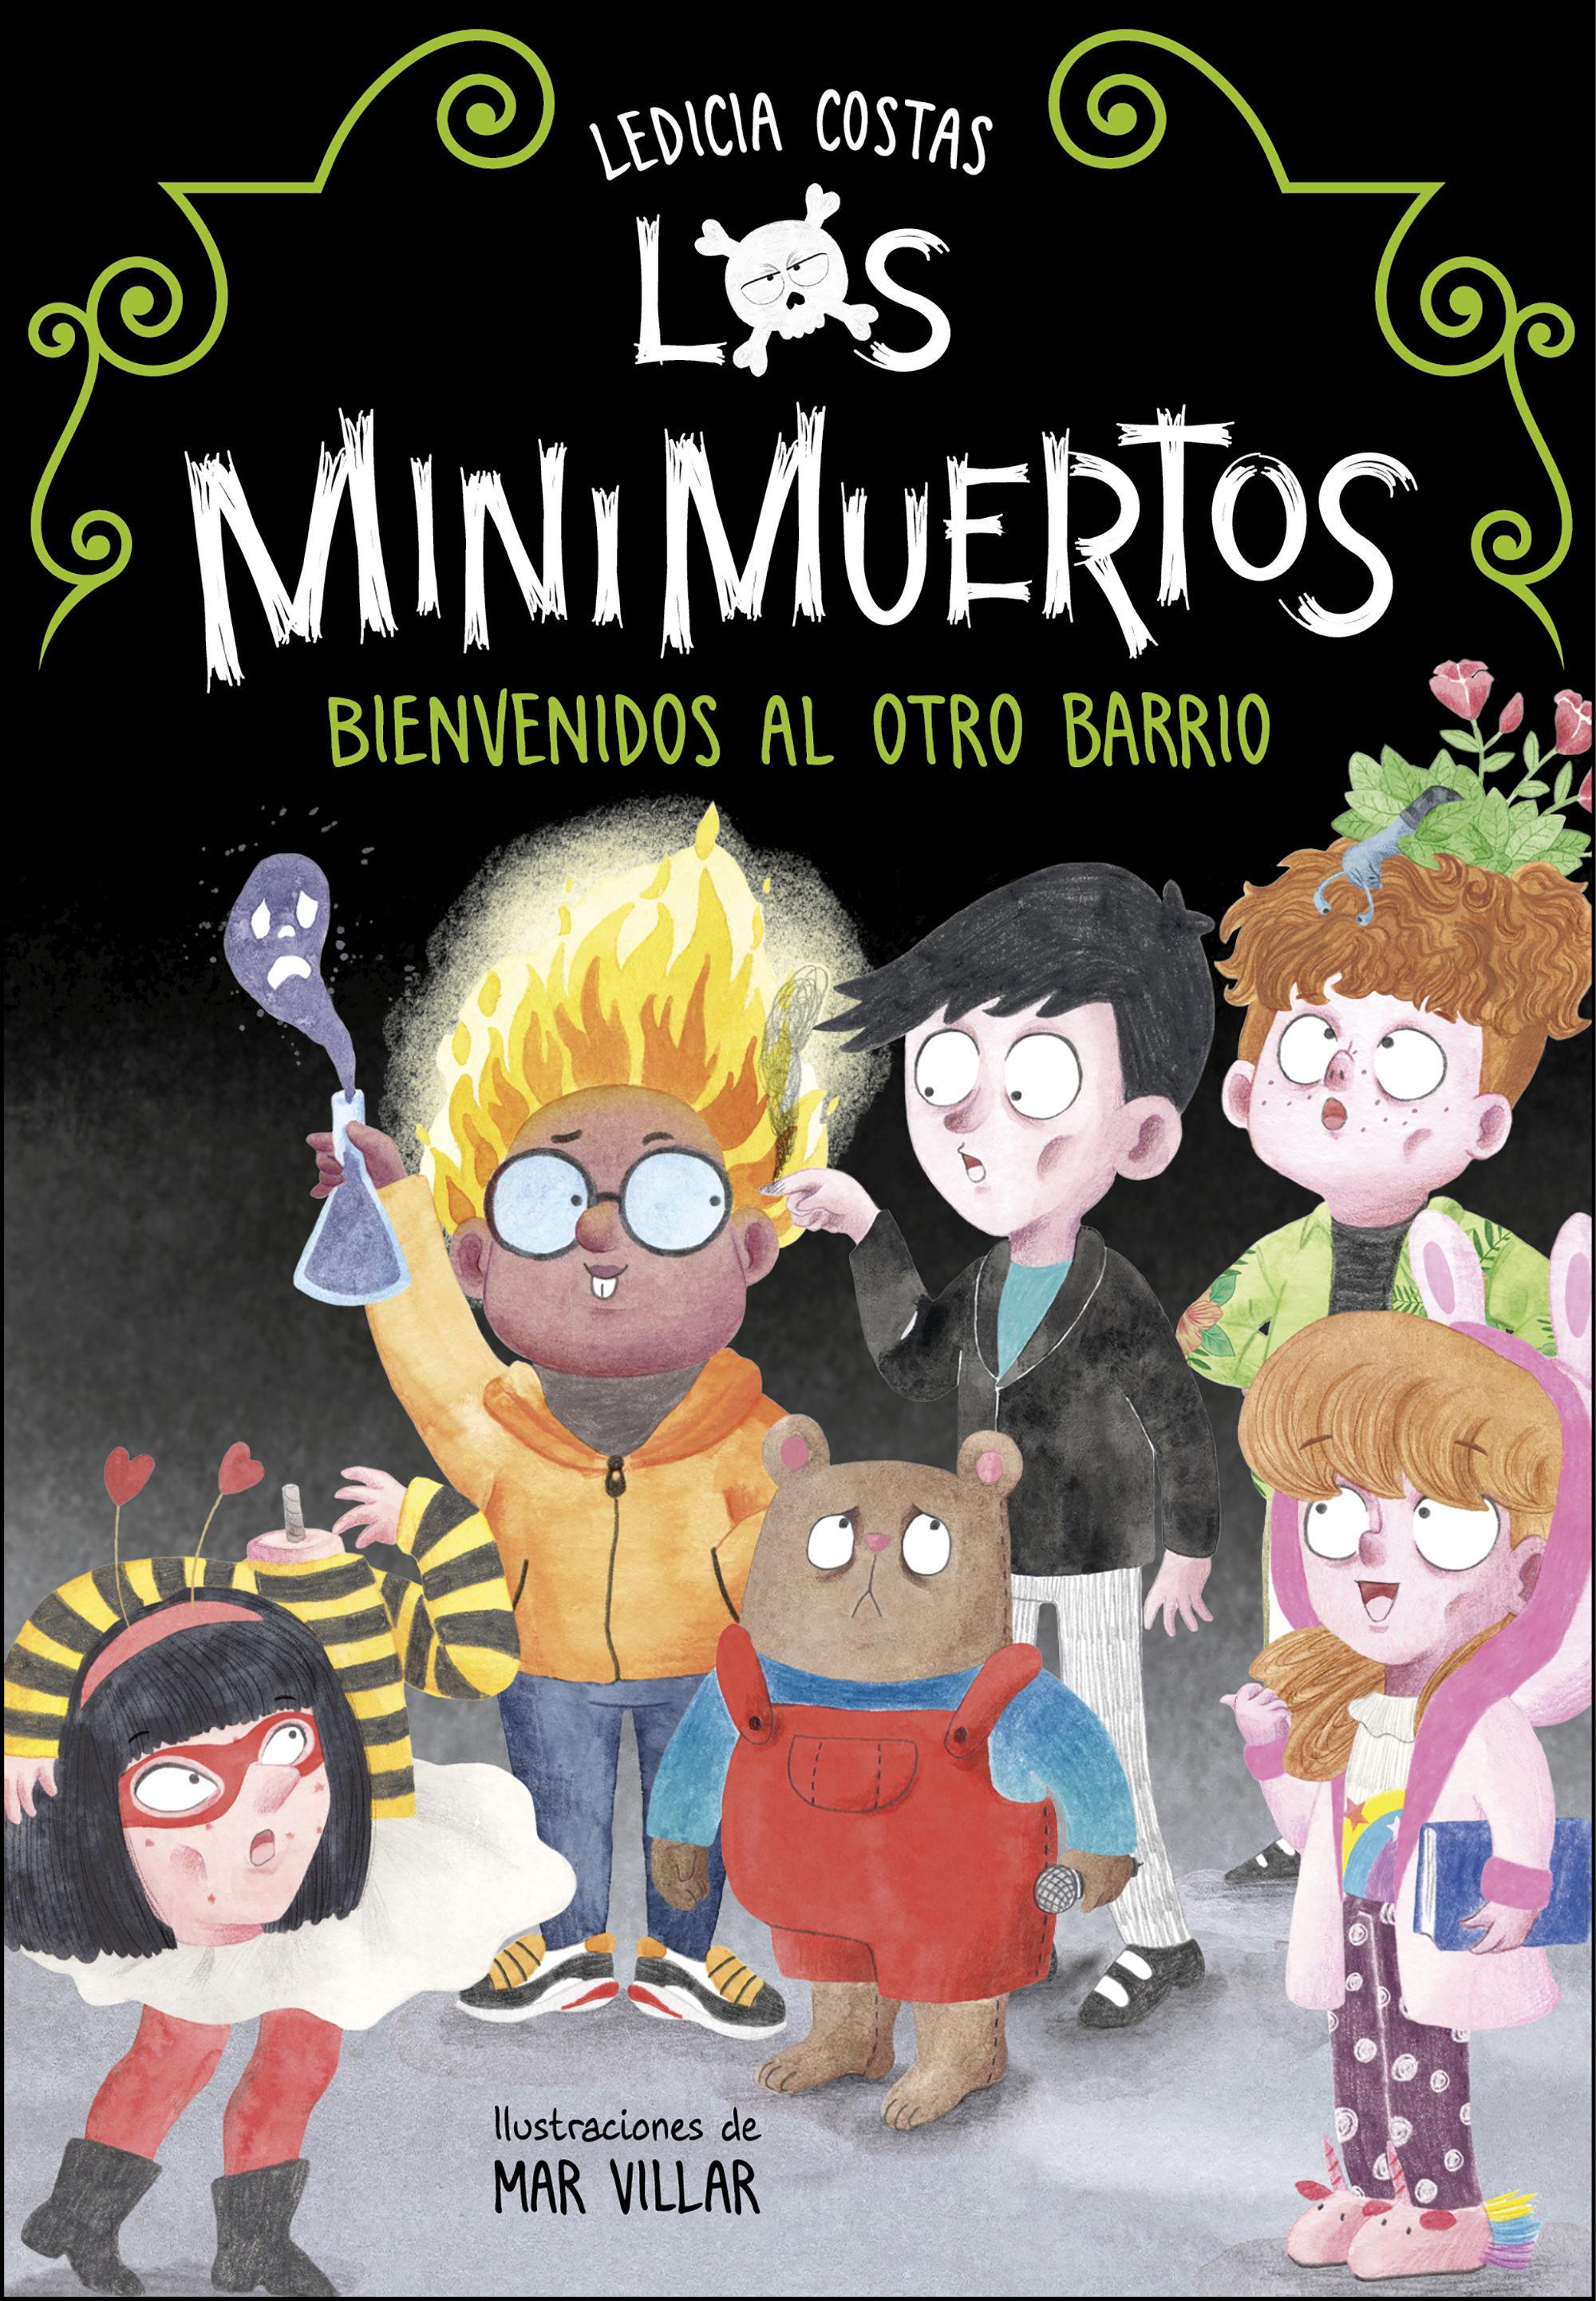 MINIMUERTOS 1 BIENVENIDOS AL OTRO BARRIO